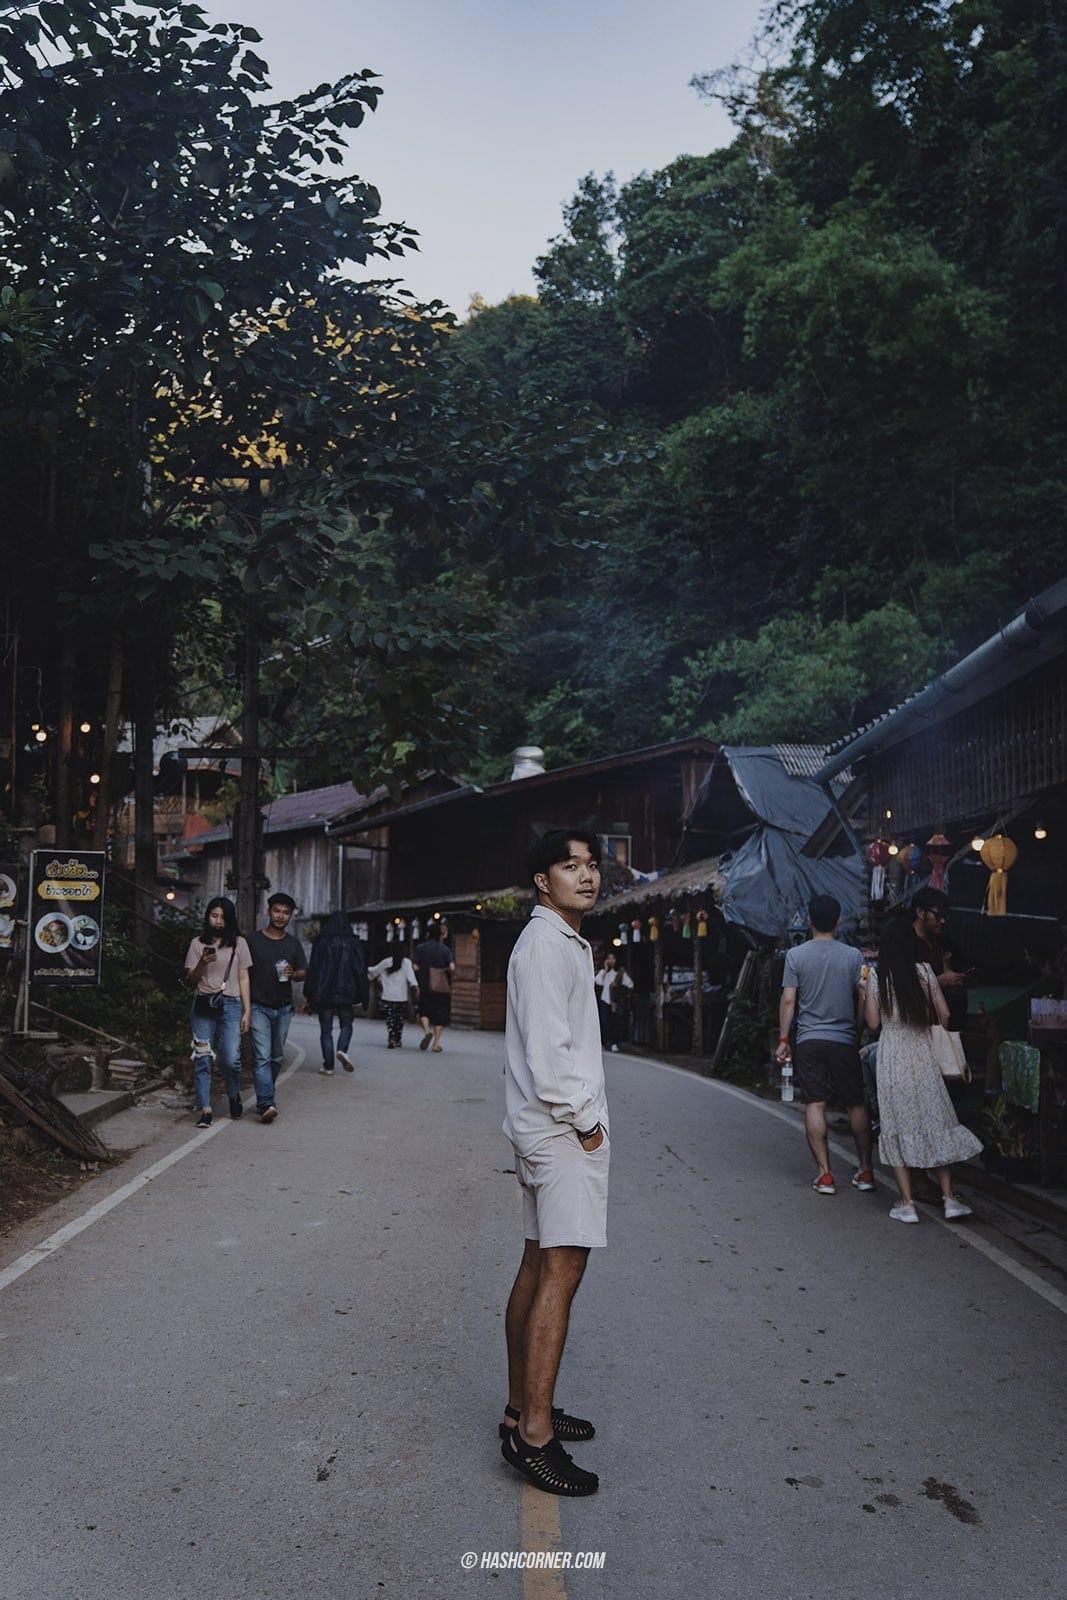 รีวิว แม่กำปอง x เชียงใหม่ หมู่บ้านอบอุ่นในหุบเขา